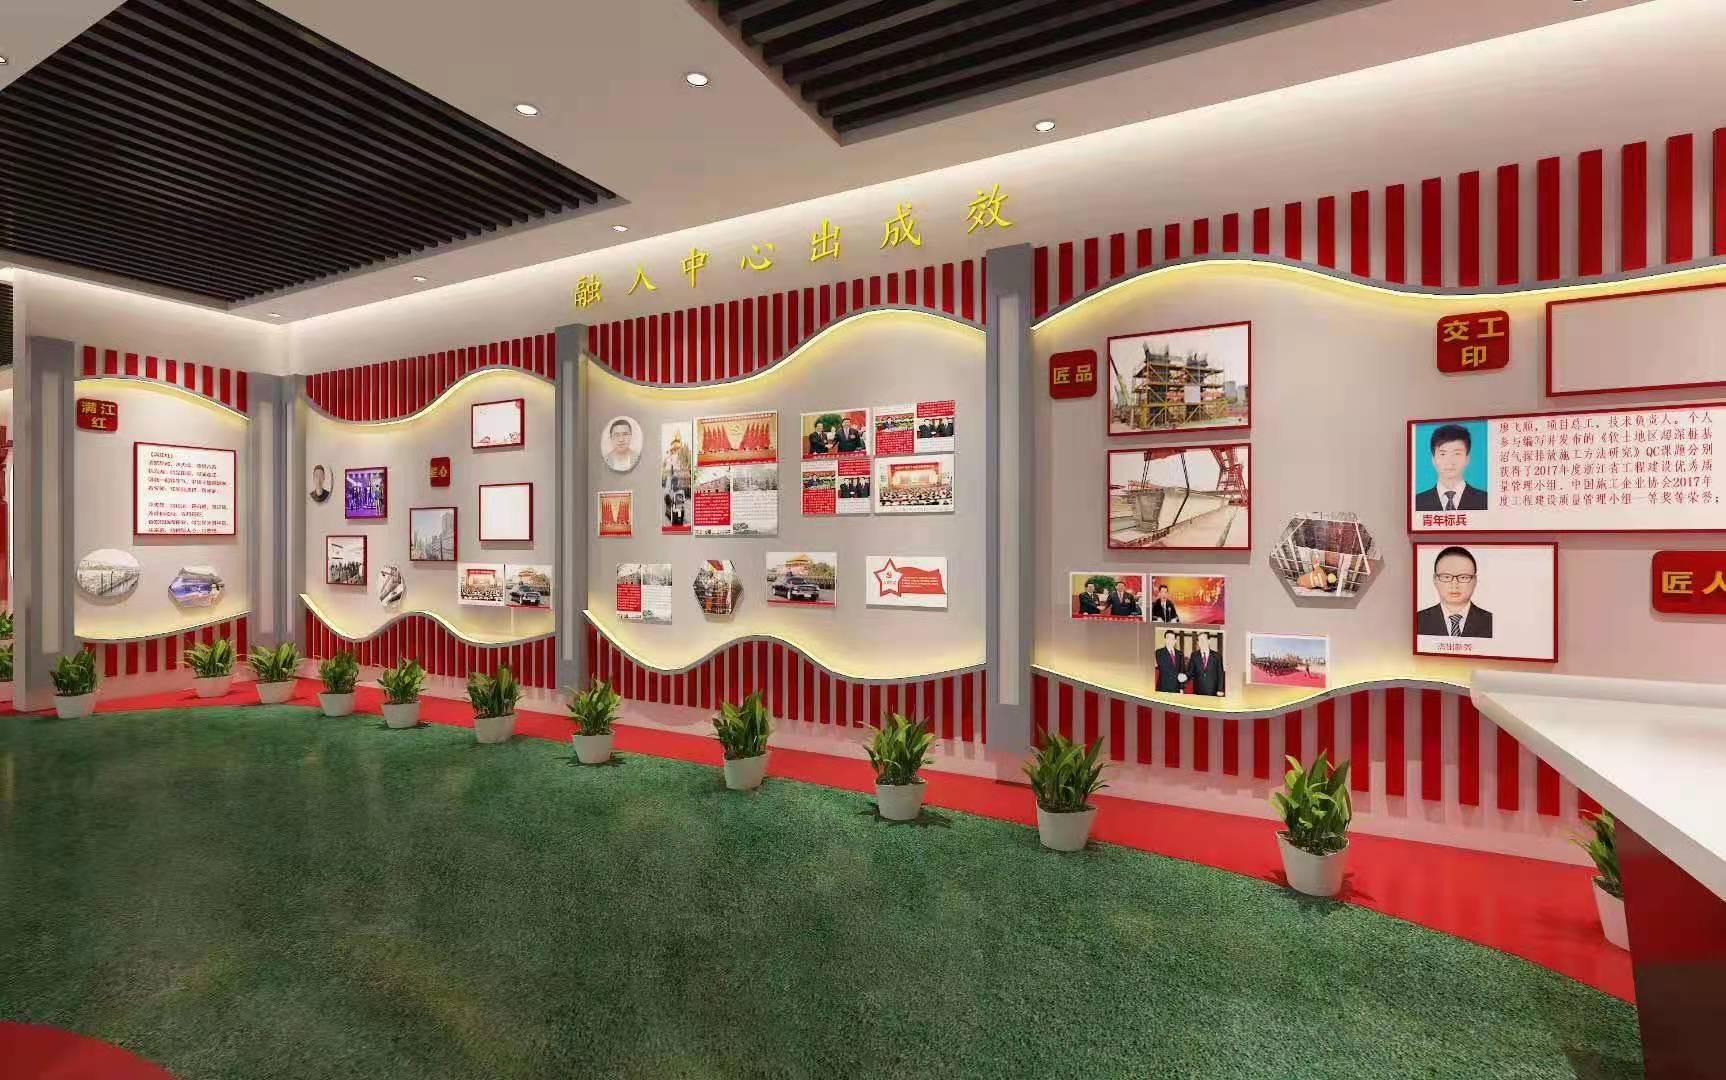 党建展厅空间设计/公装服务设计/全案设计/效果图/施工图